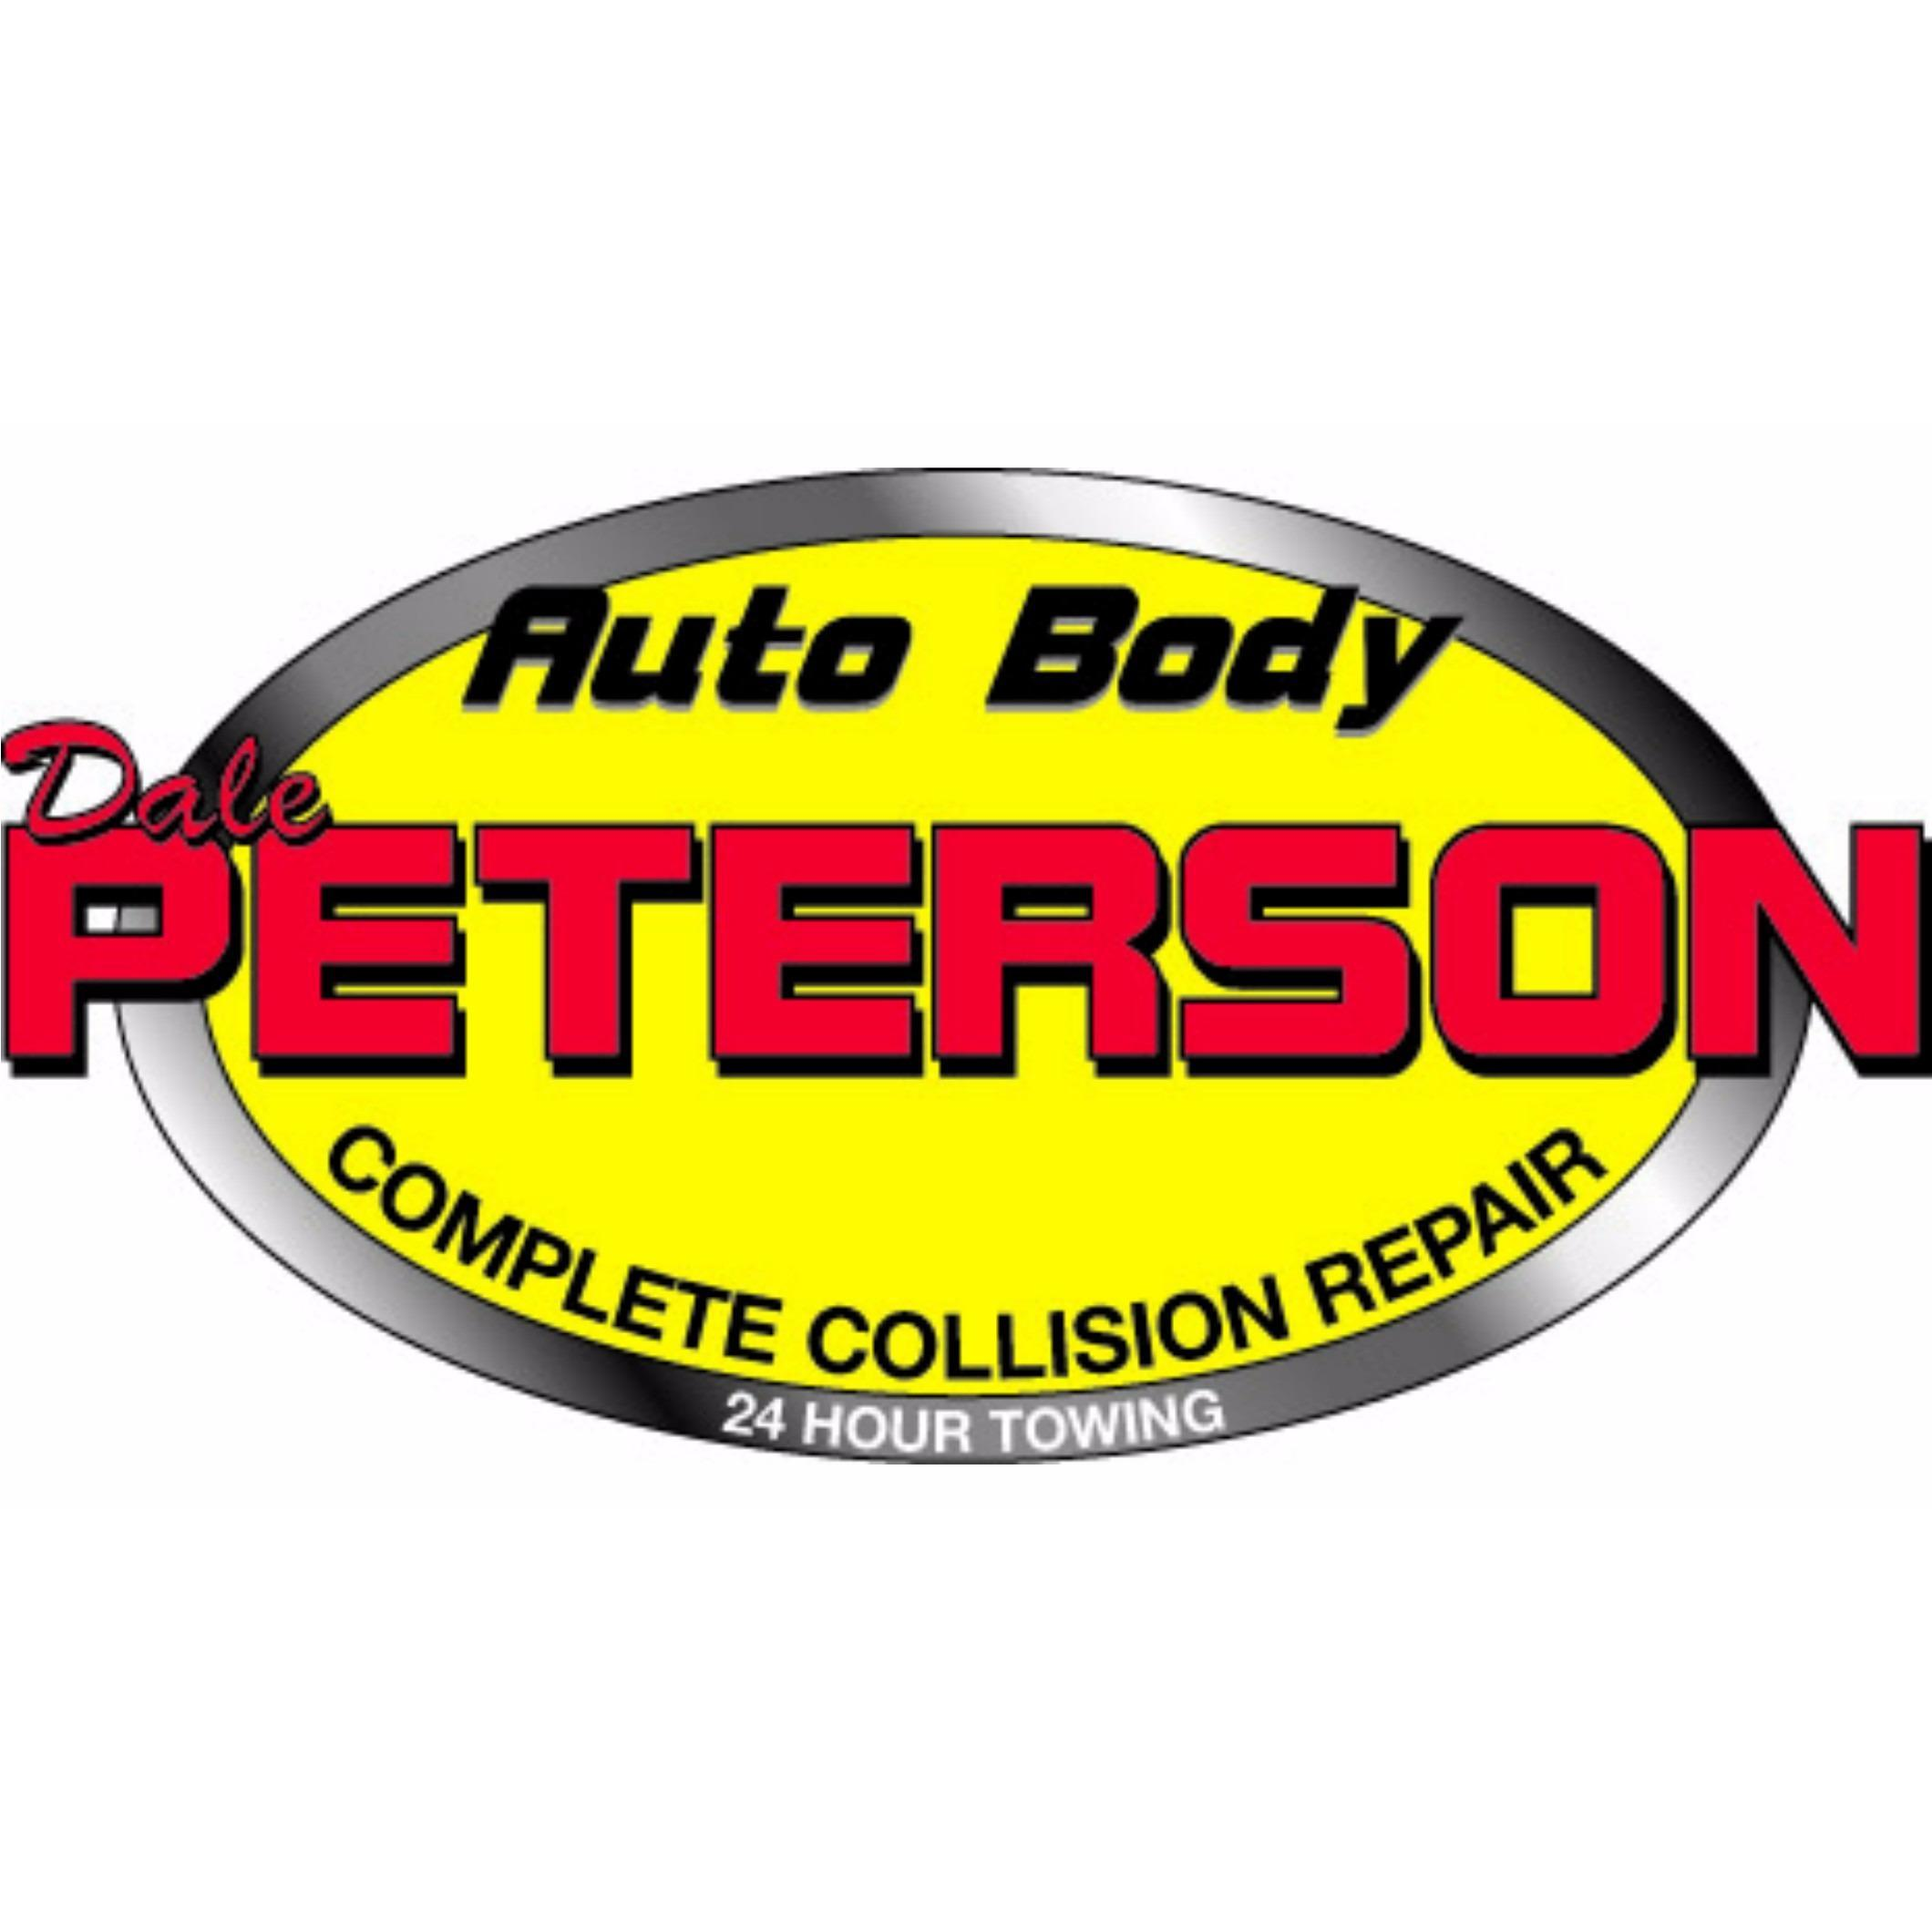 Dale Peterson Auto Body